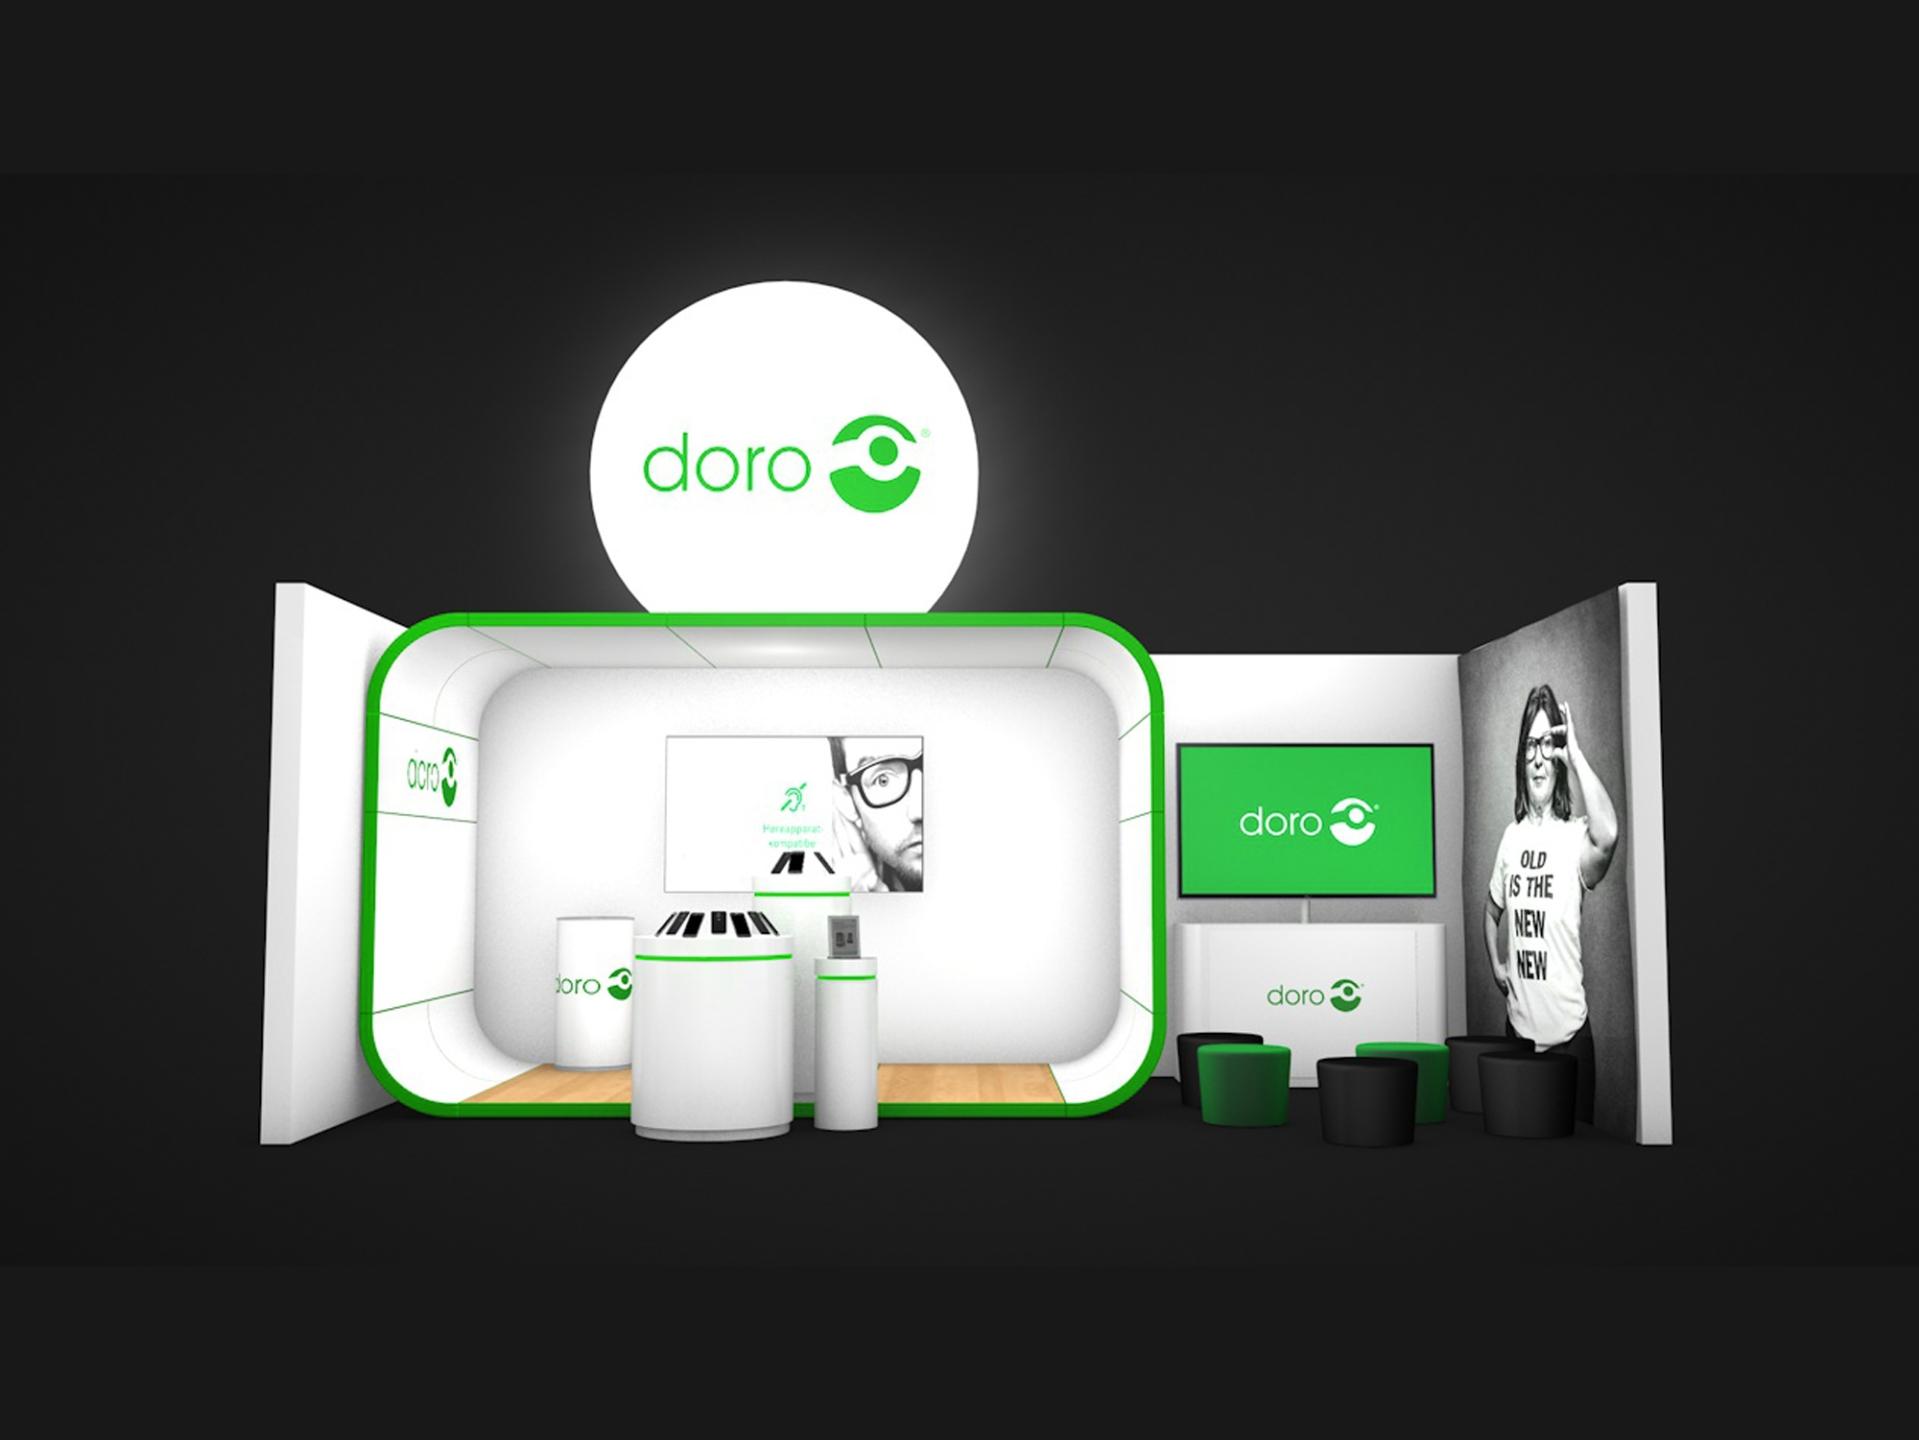 Doro-img-002